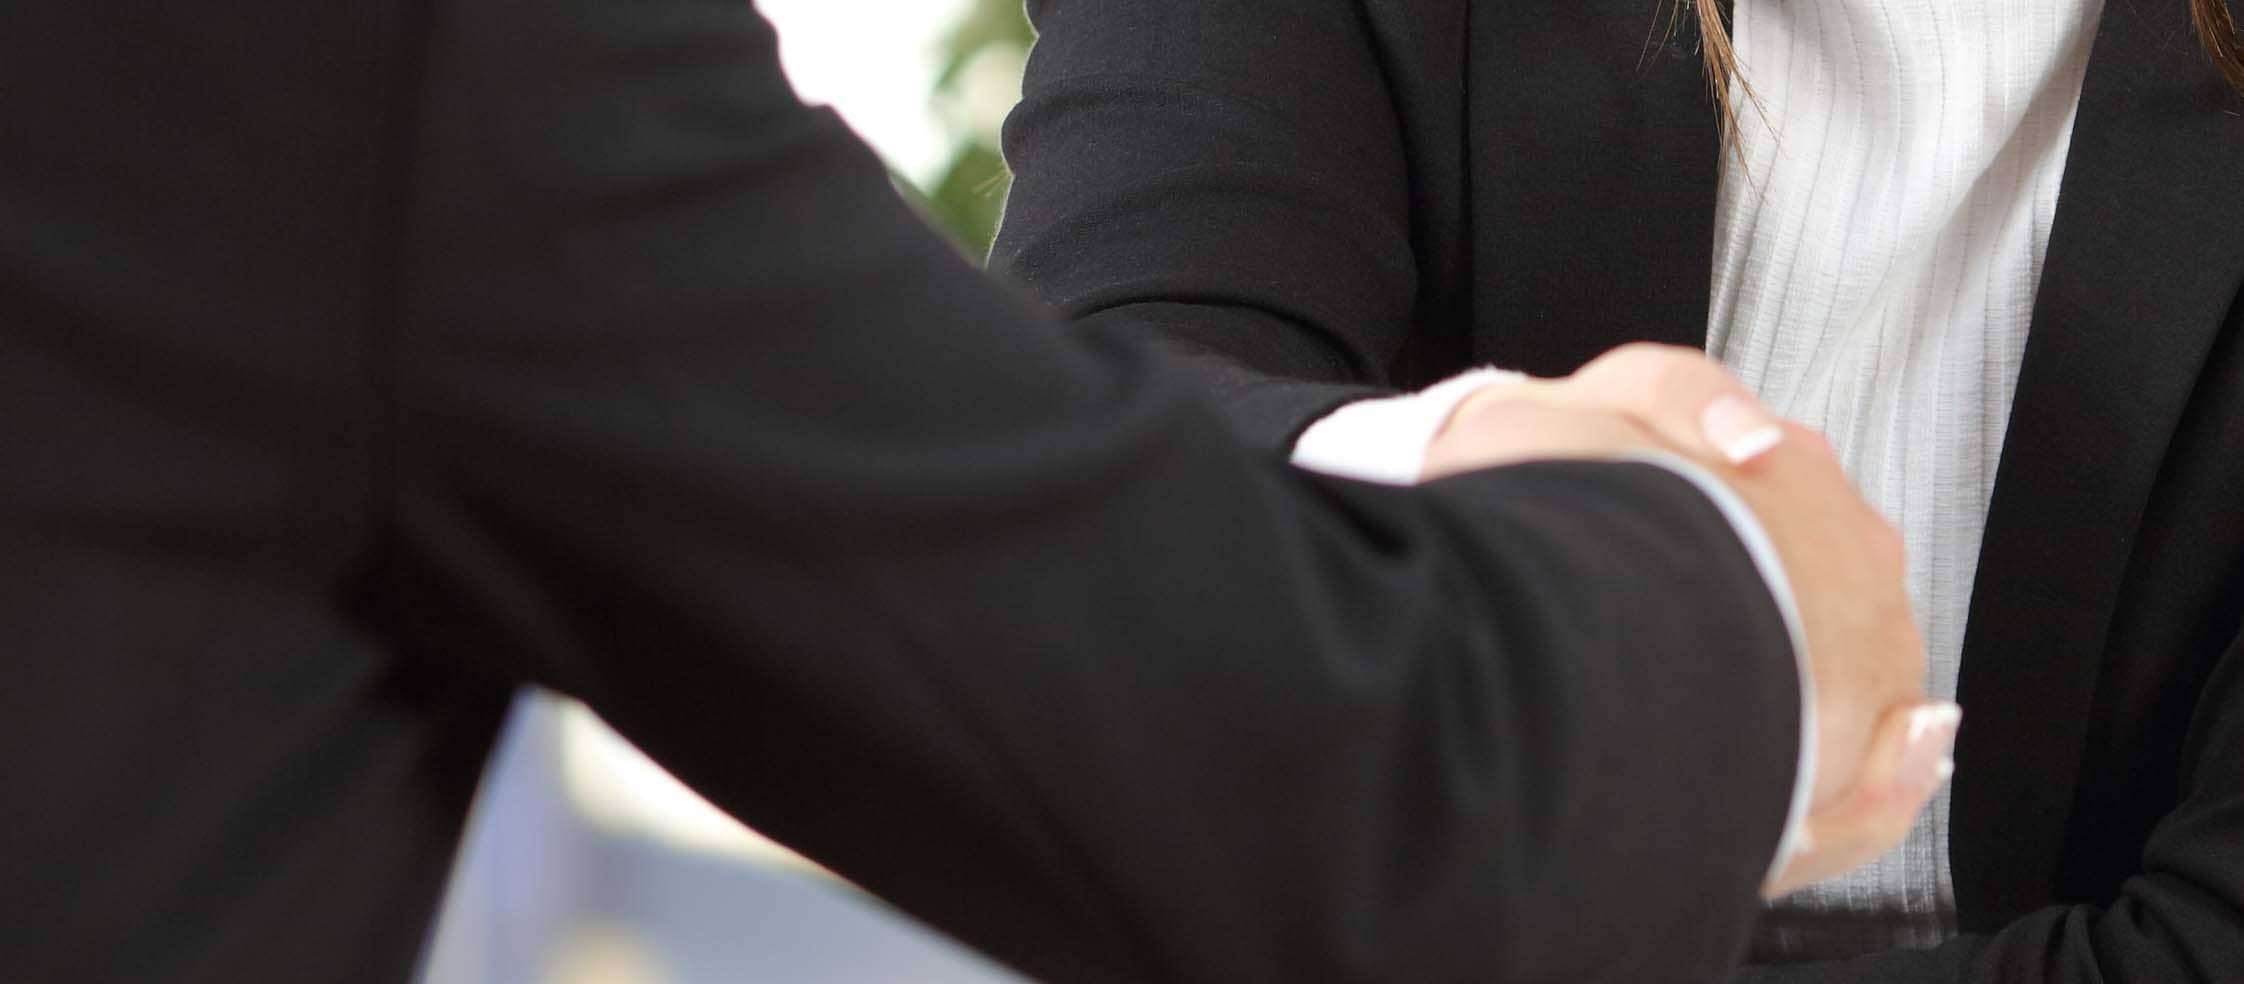 Negociaciones-ingles-para-empresas-avanzadas_